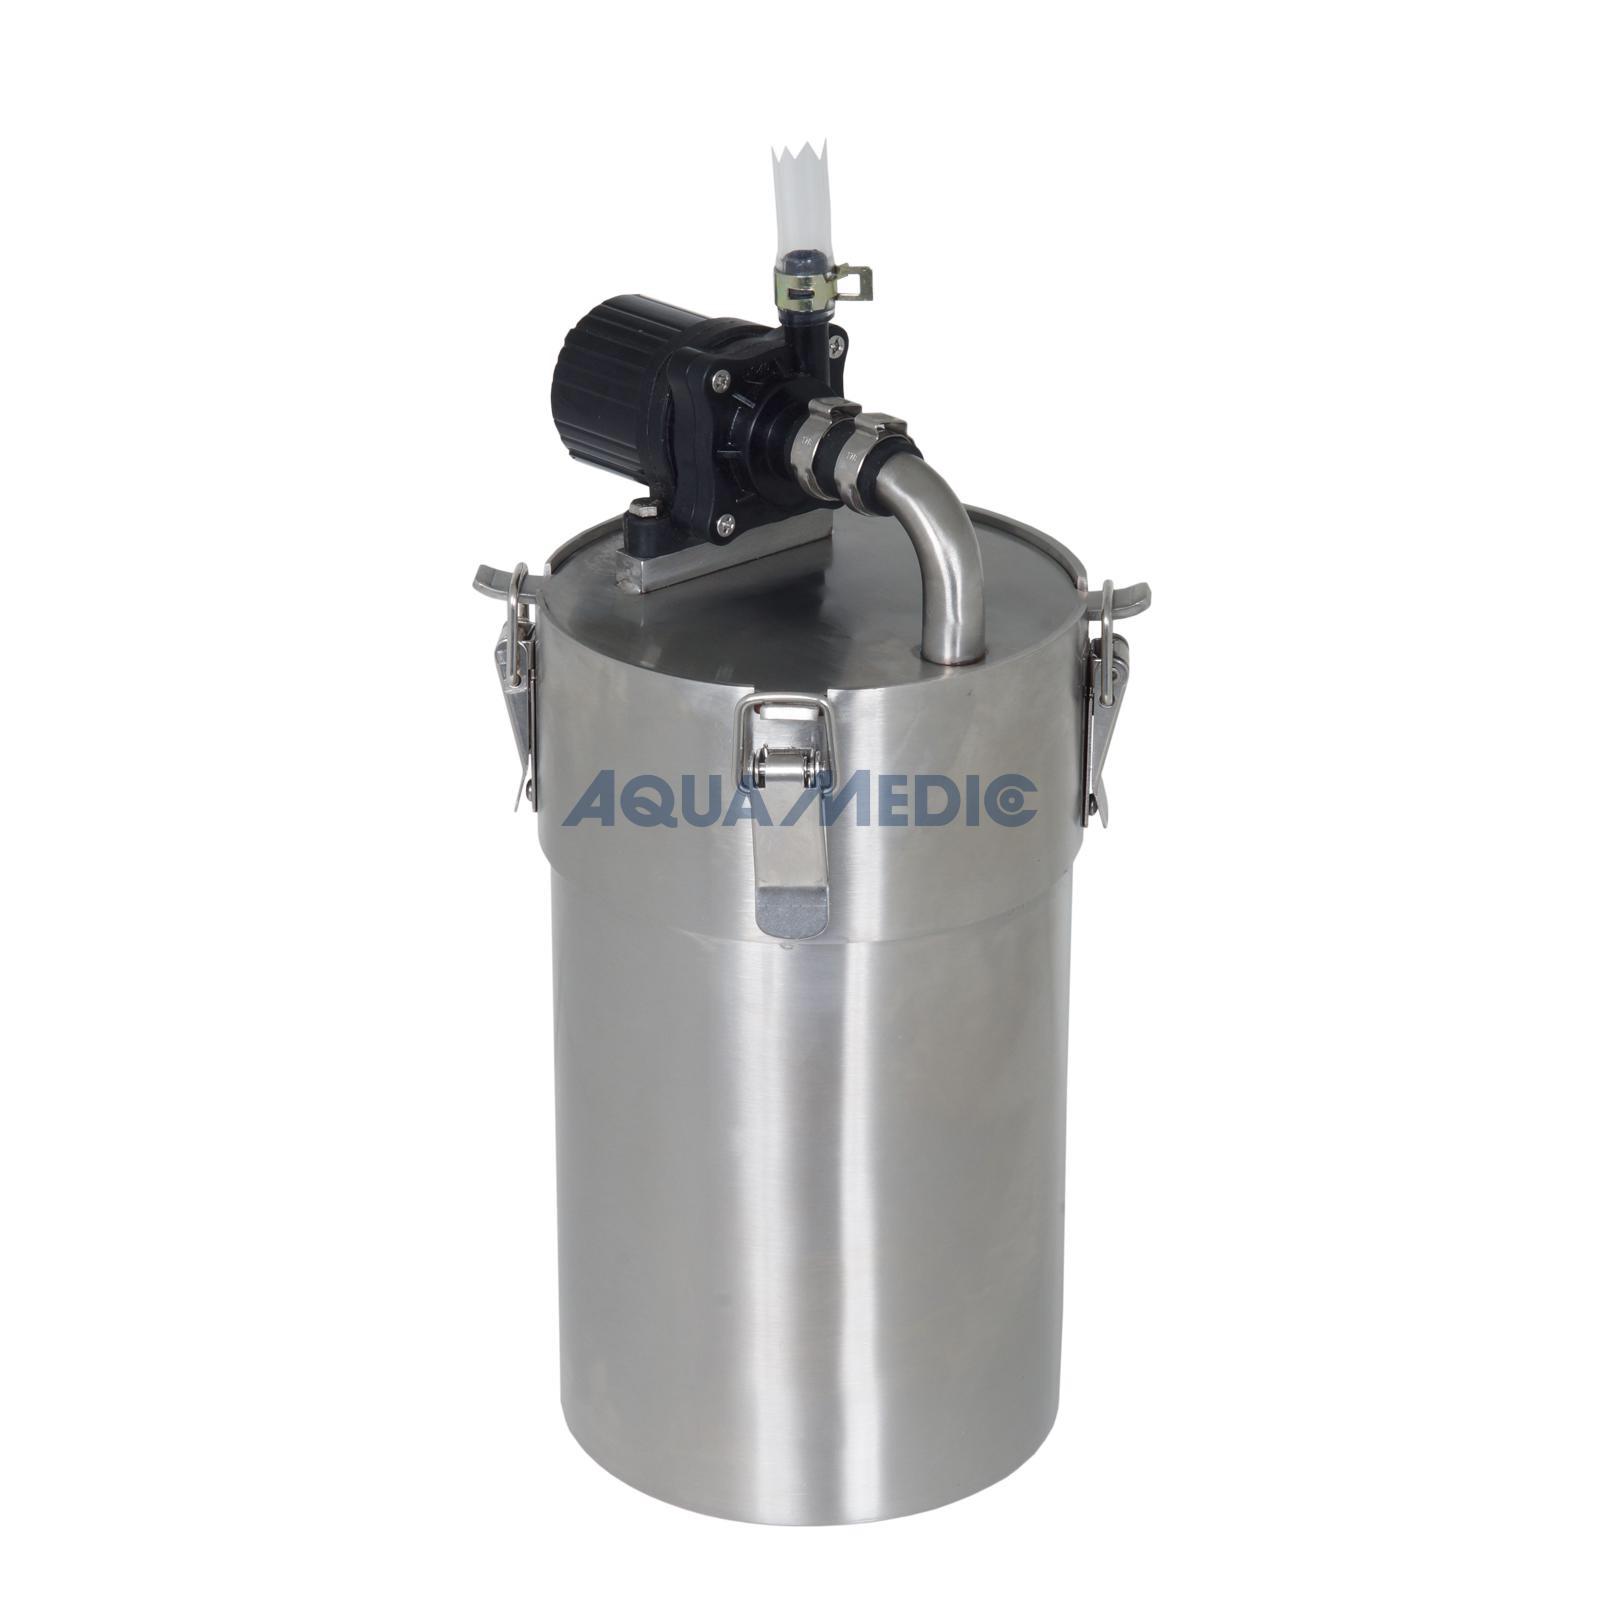 aqua medic aquafresh 50 edelstahl aussenfilter filterung heizung aquascaping forum. Black Bedroom Furniture Sets. Home Design Ideas